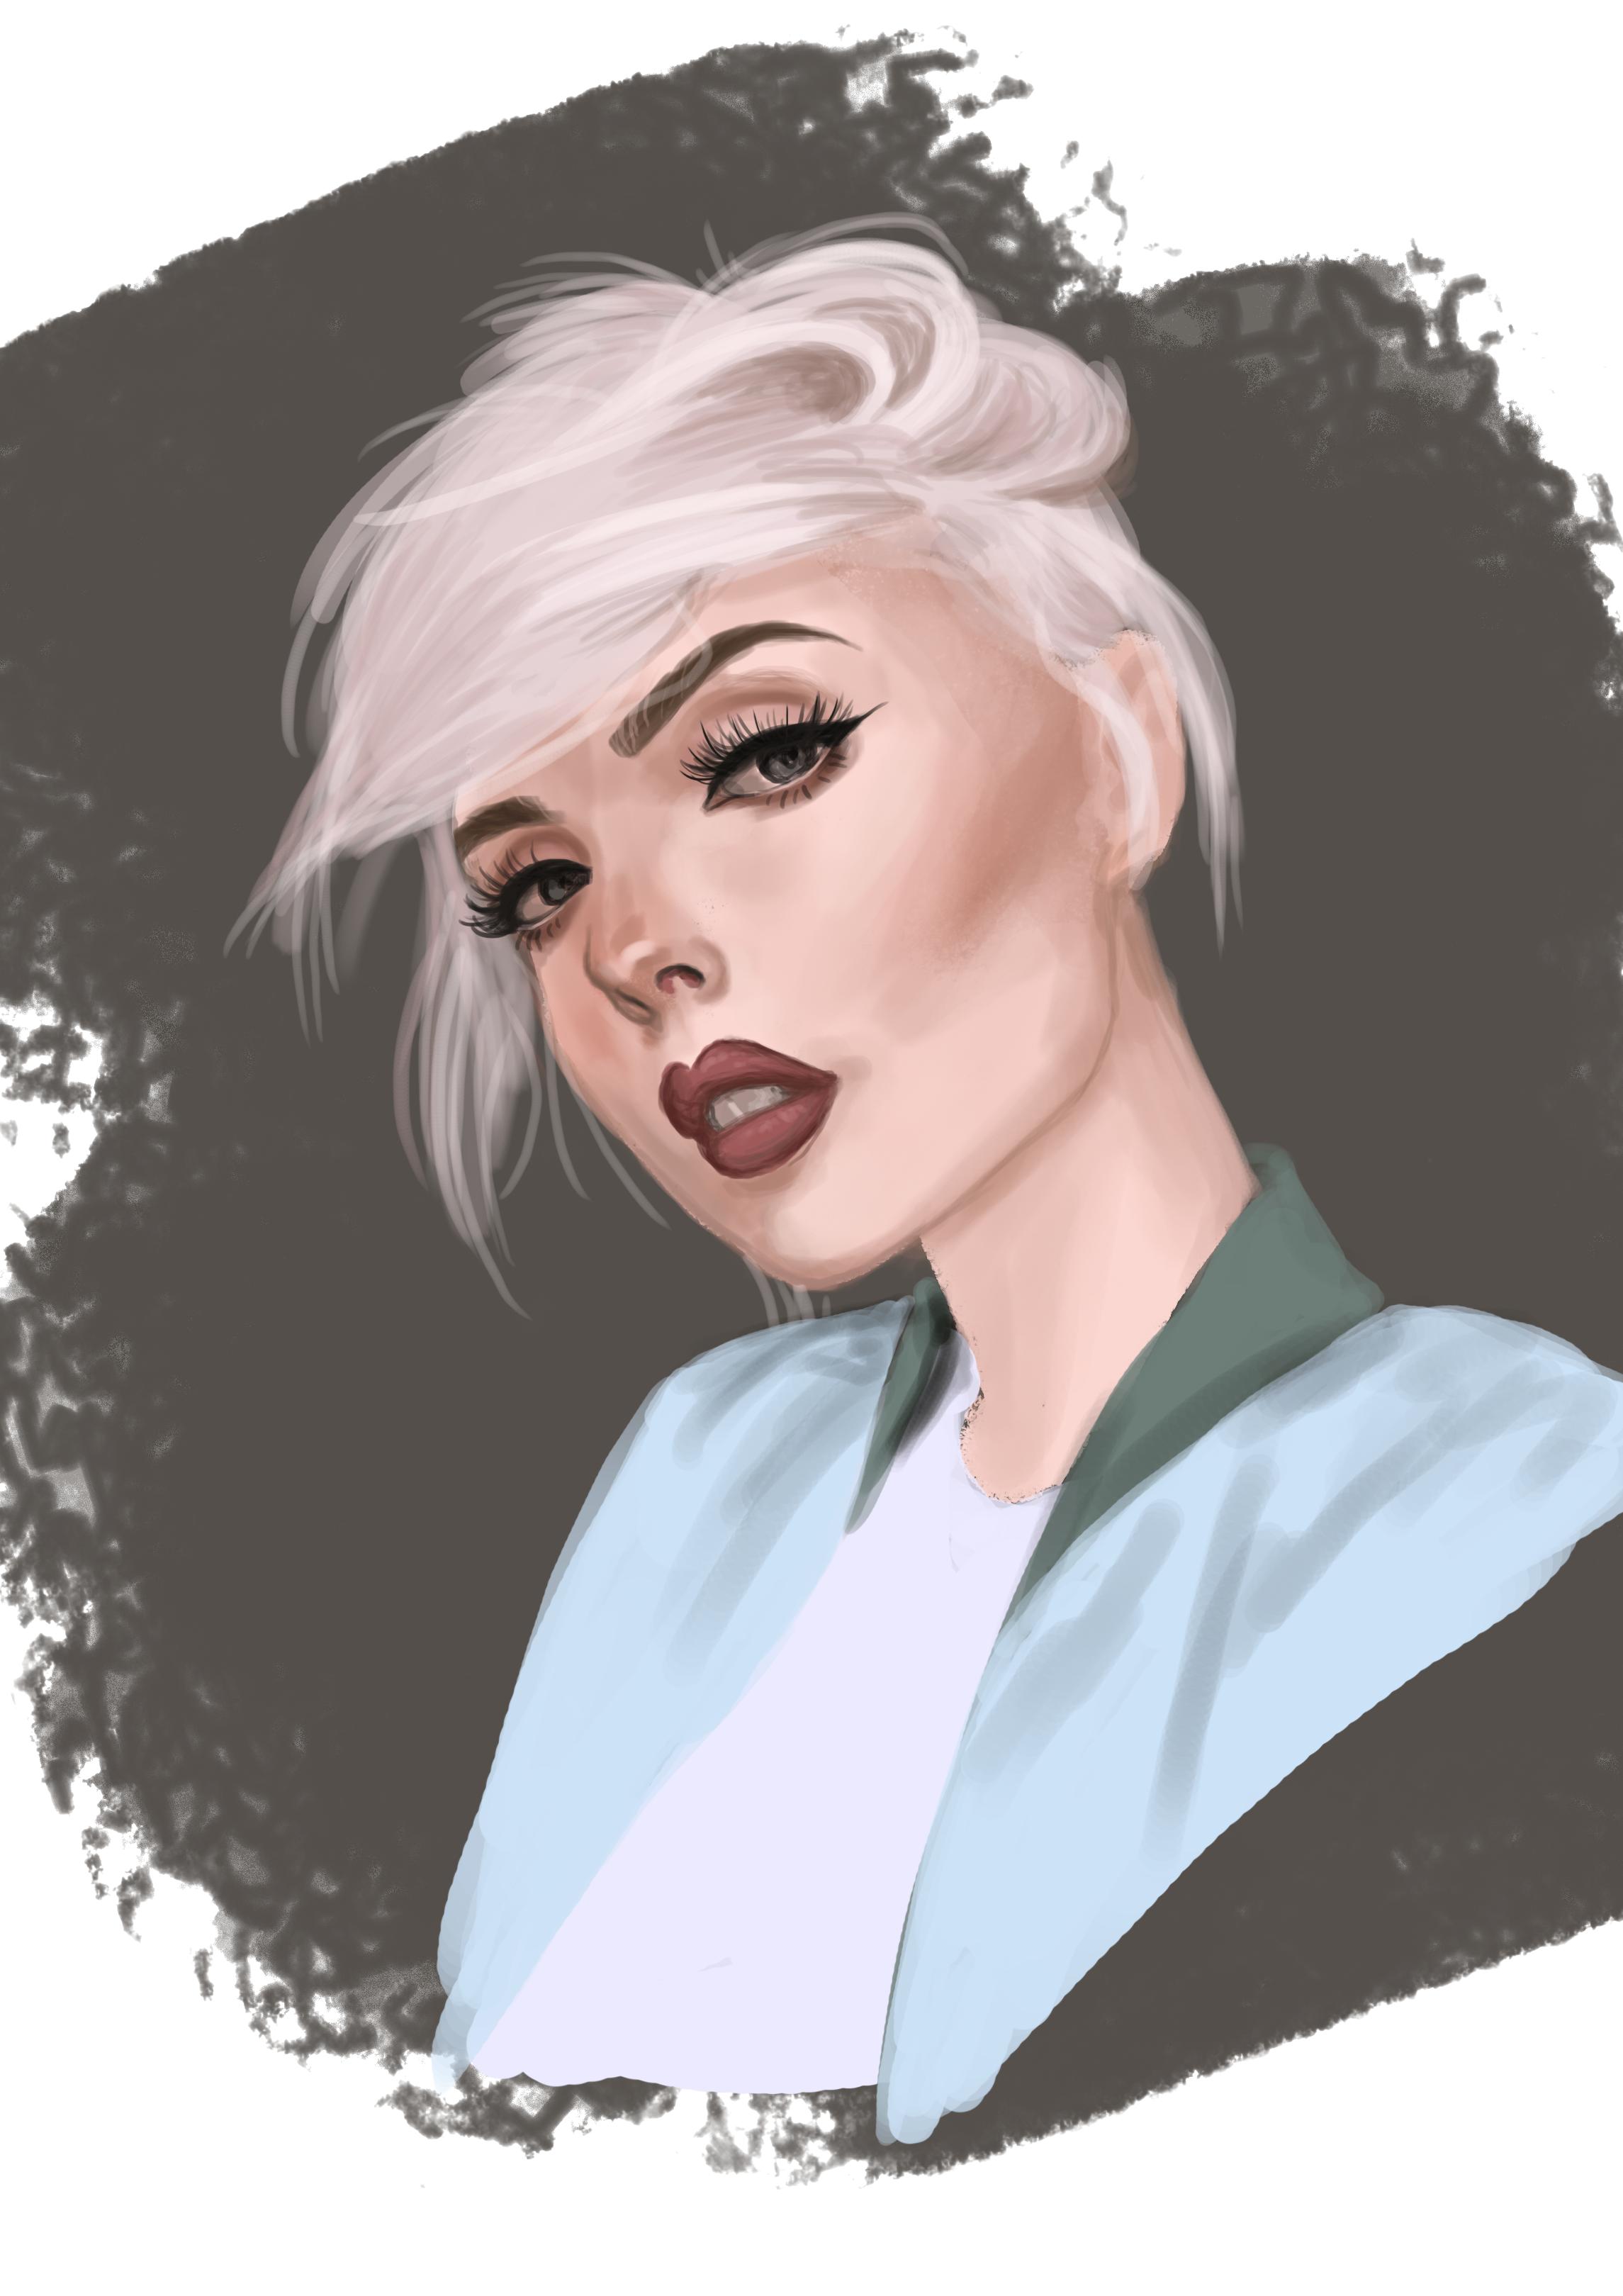 PortraitPainting_BeautSoup